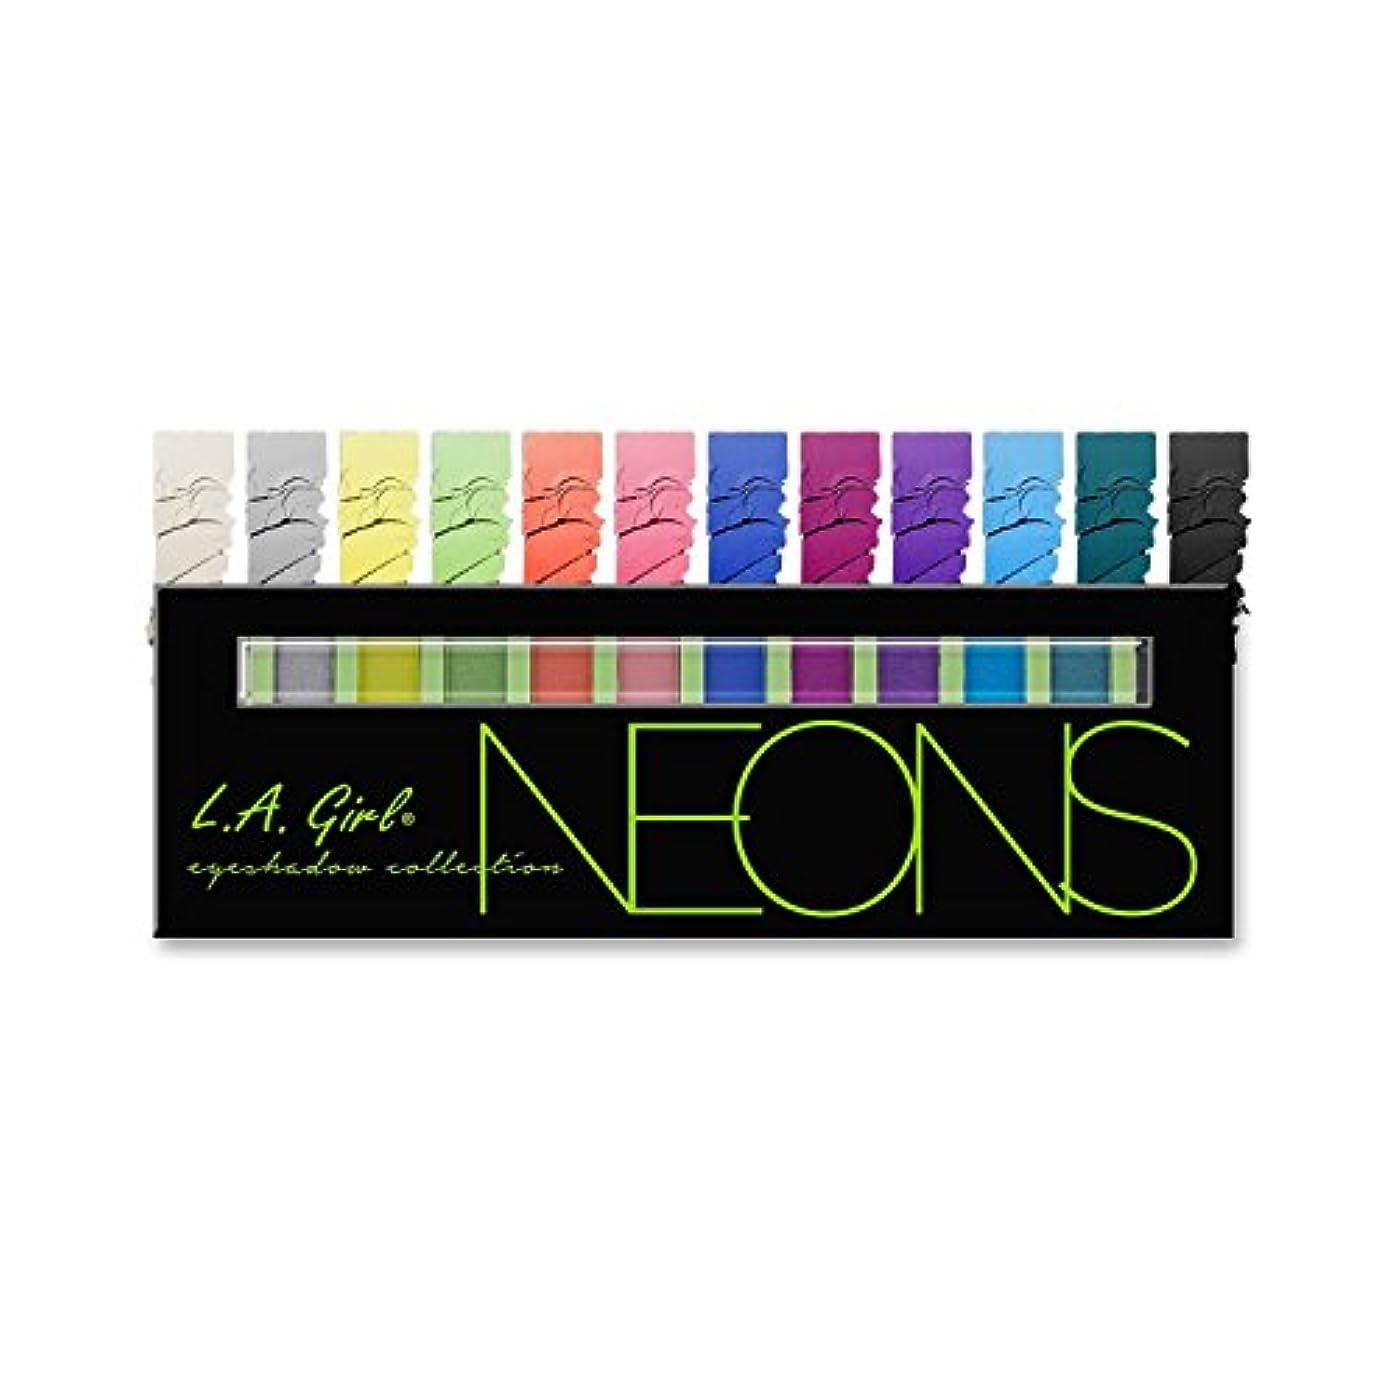 くすぐったい防腐剤土砂降りLA GIRL Beauty Brick Eyeshadow Collection - Neons (並行輸入品)